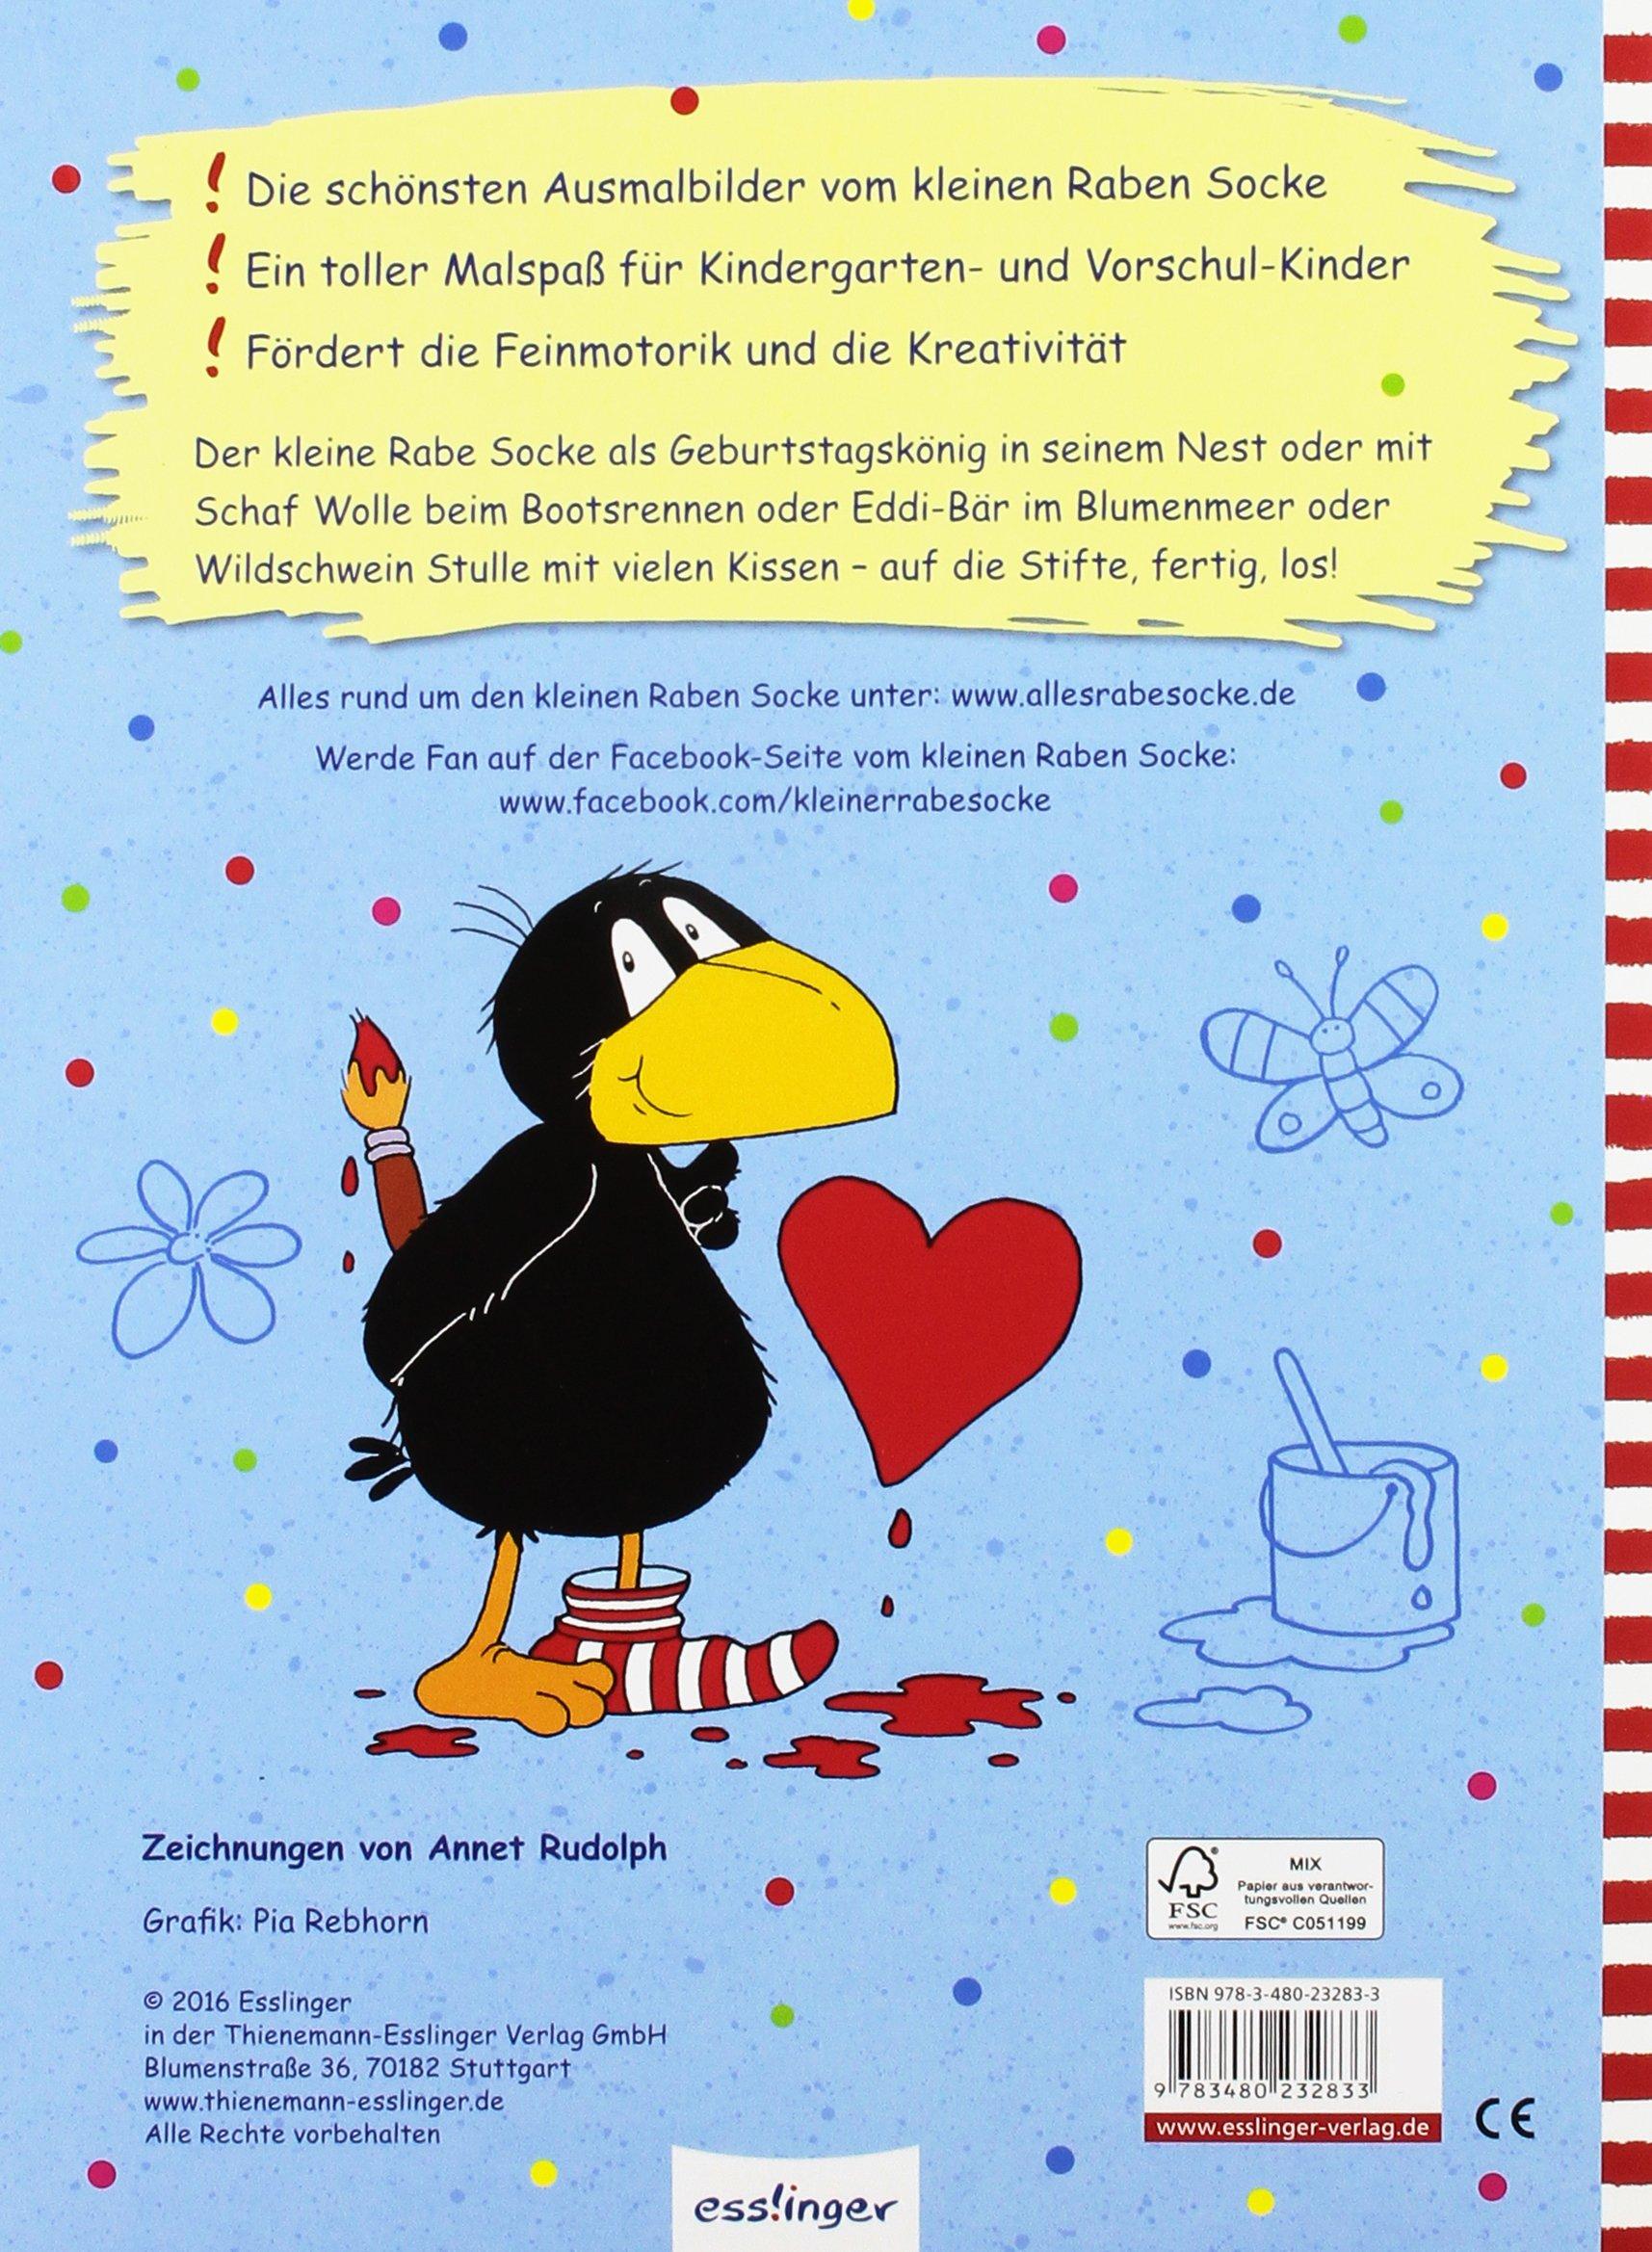 Der kleine Rabe Socke Alles malt – Jubiläums Malbuch vom kleinen Raben Socke Amazon Annet Rudolph Bücher